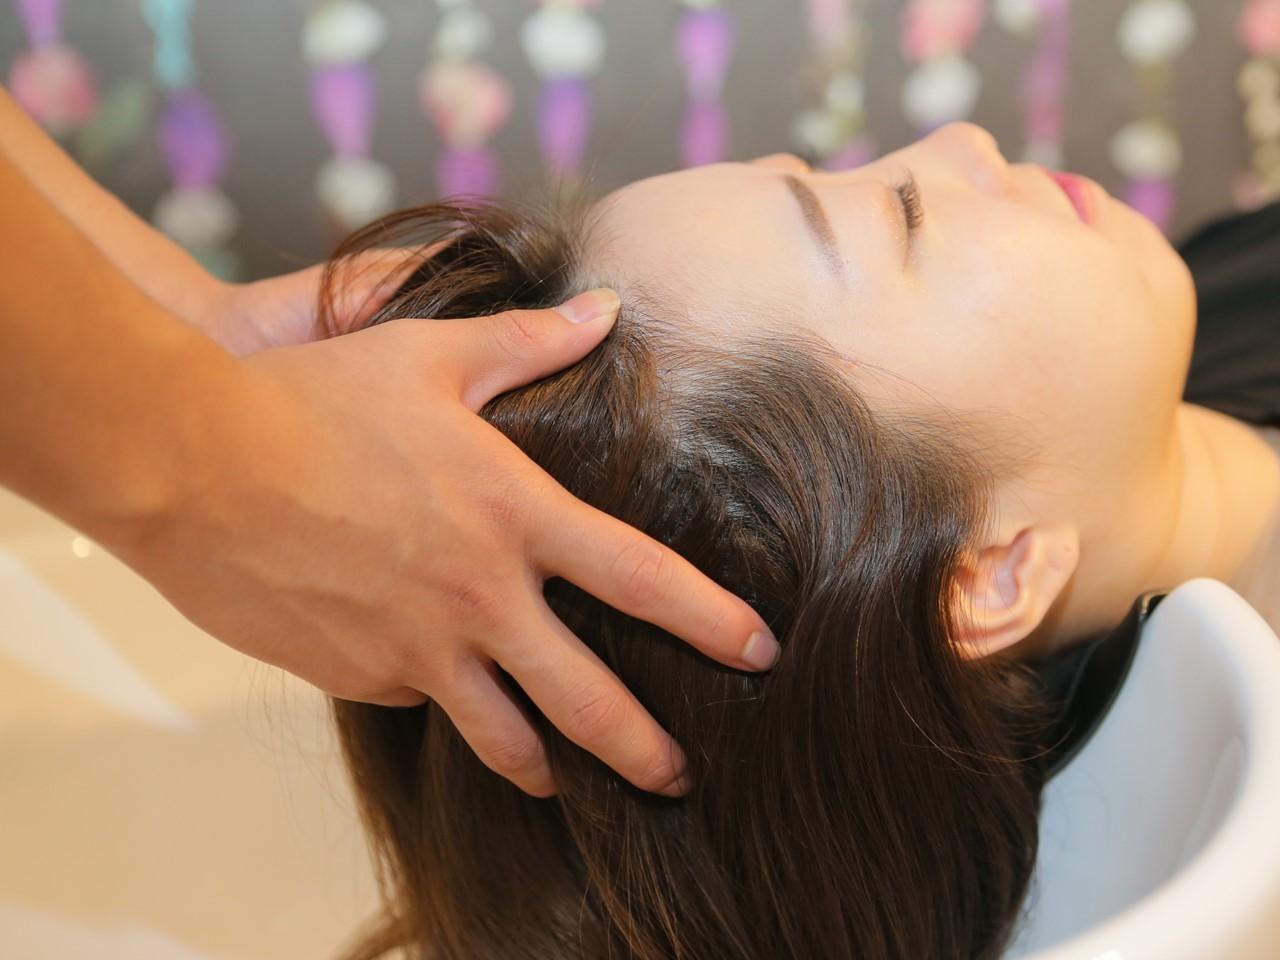 気分やお悩みに合わせて3種類から選べるヘッドスパが人気!ぜひ一度ご体感ください。